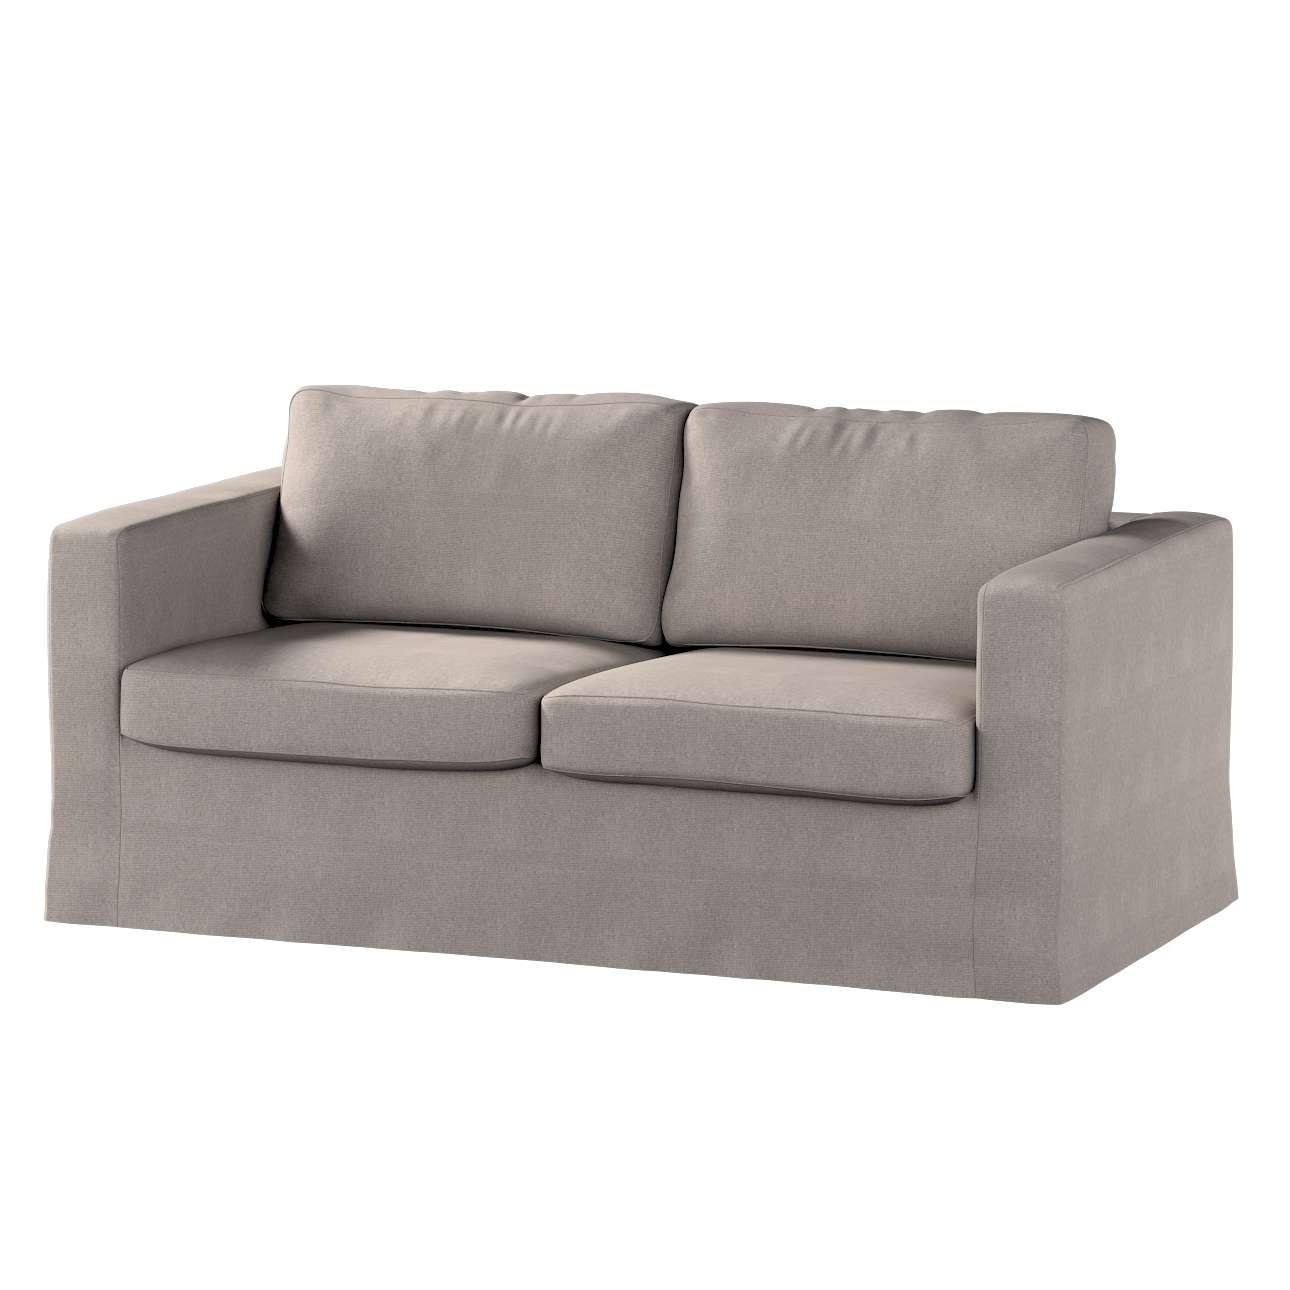 Karlstad 2-Sitzer Sofabezug nicht ausklappbar lang von der Kollektion Etna, Stoff: 705-09